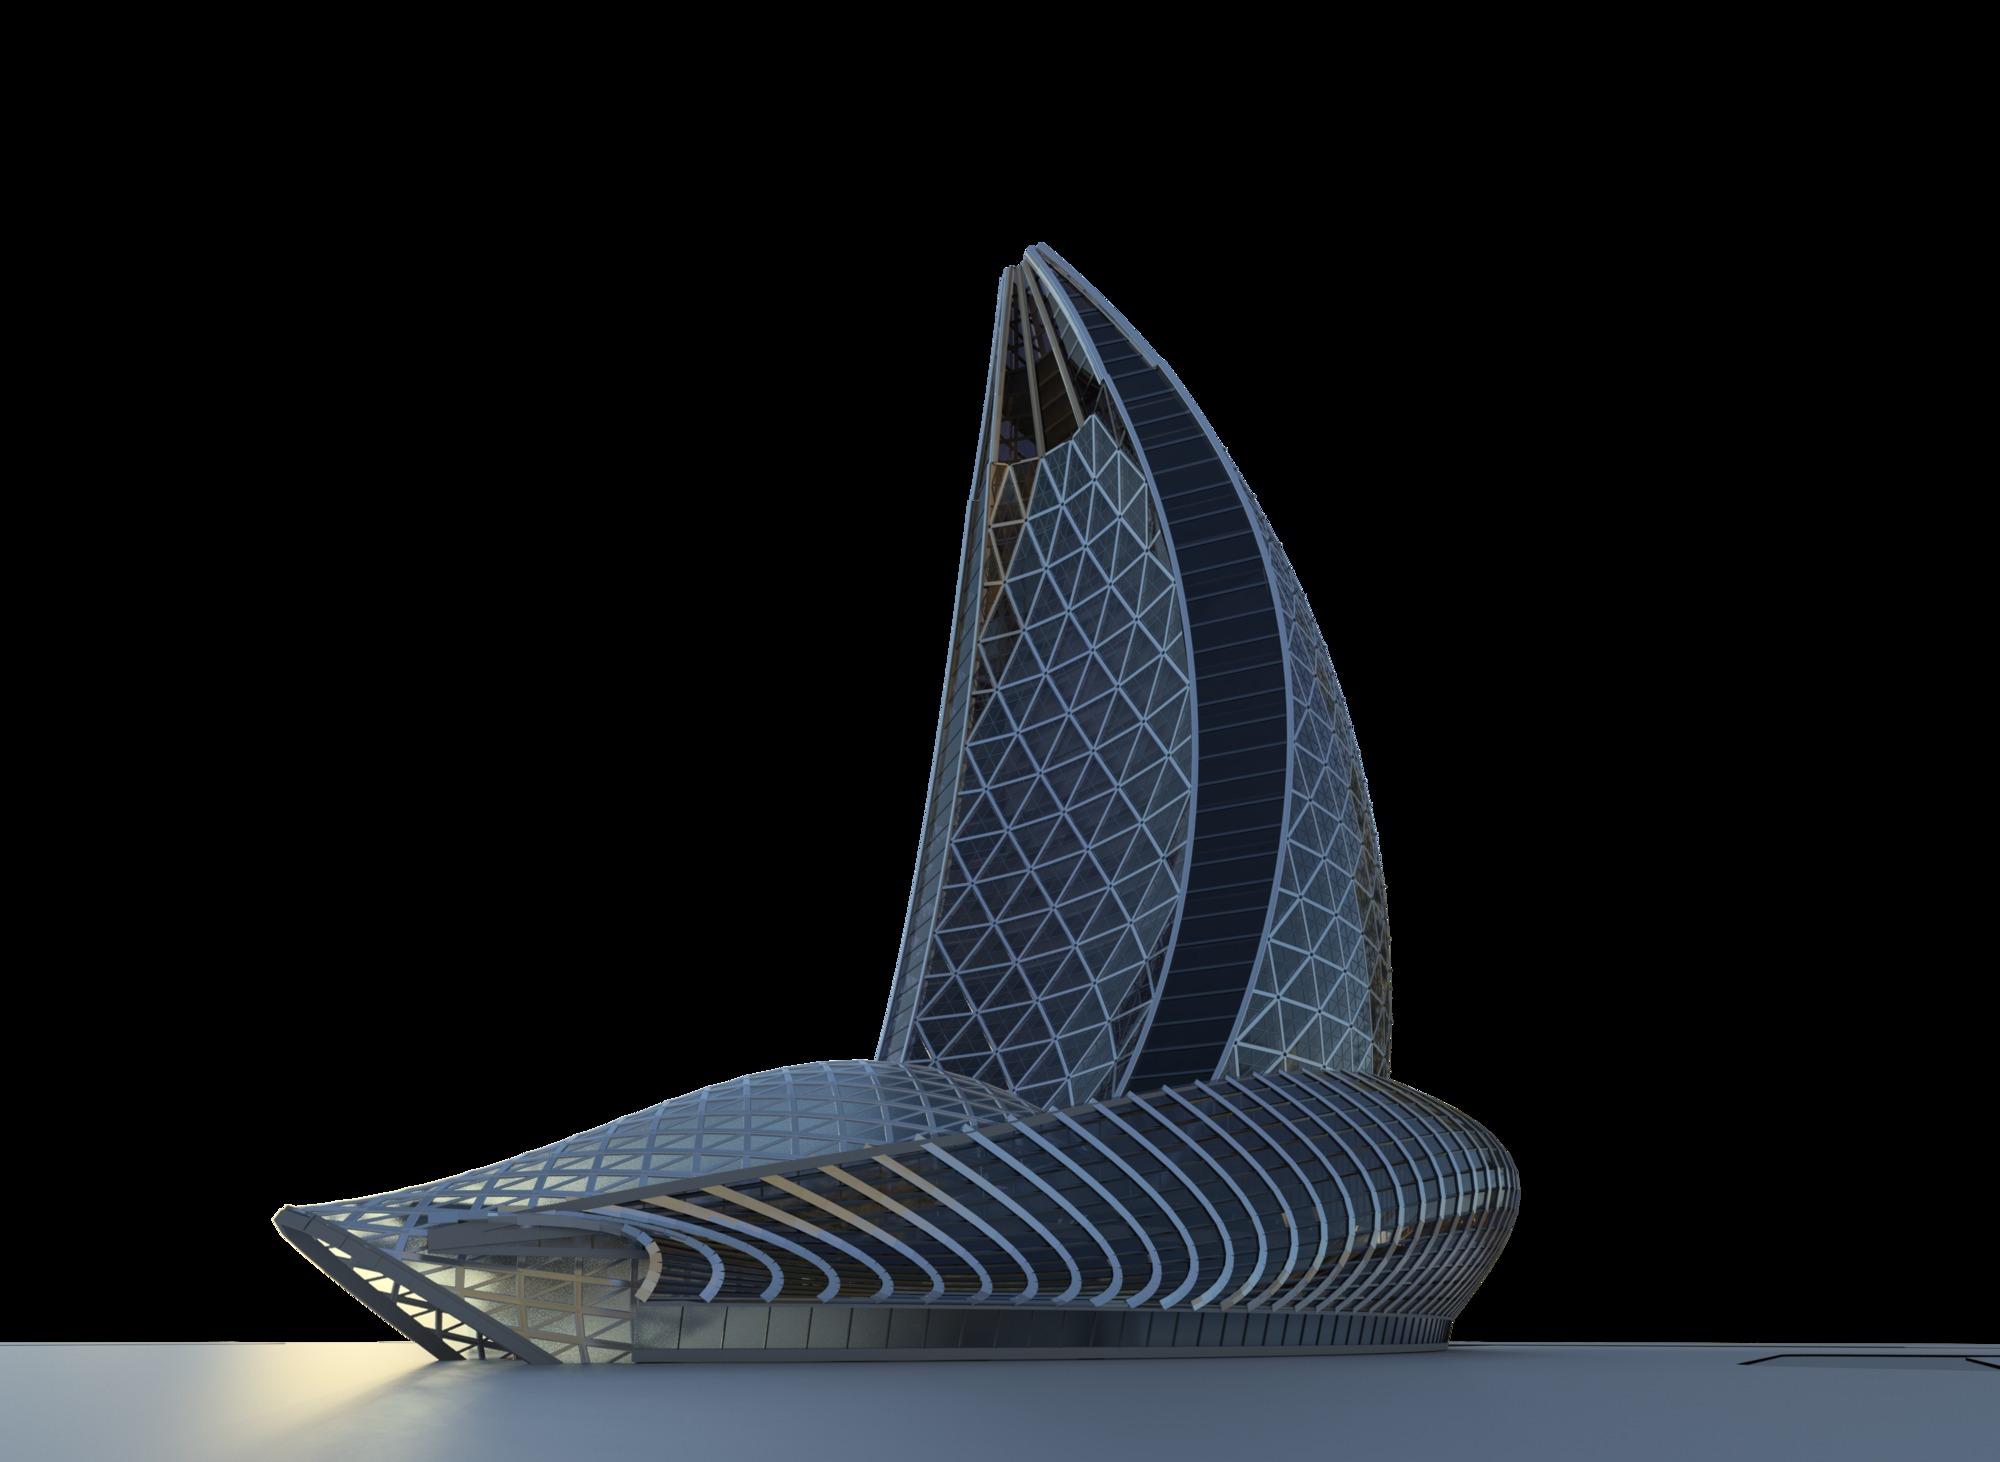 Raas-rendering20140929-5423-1lphmdn